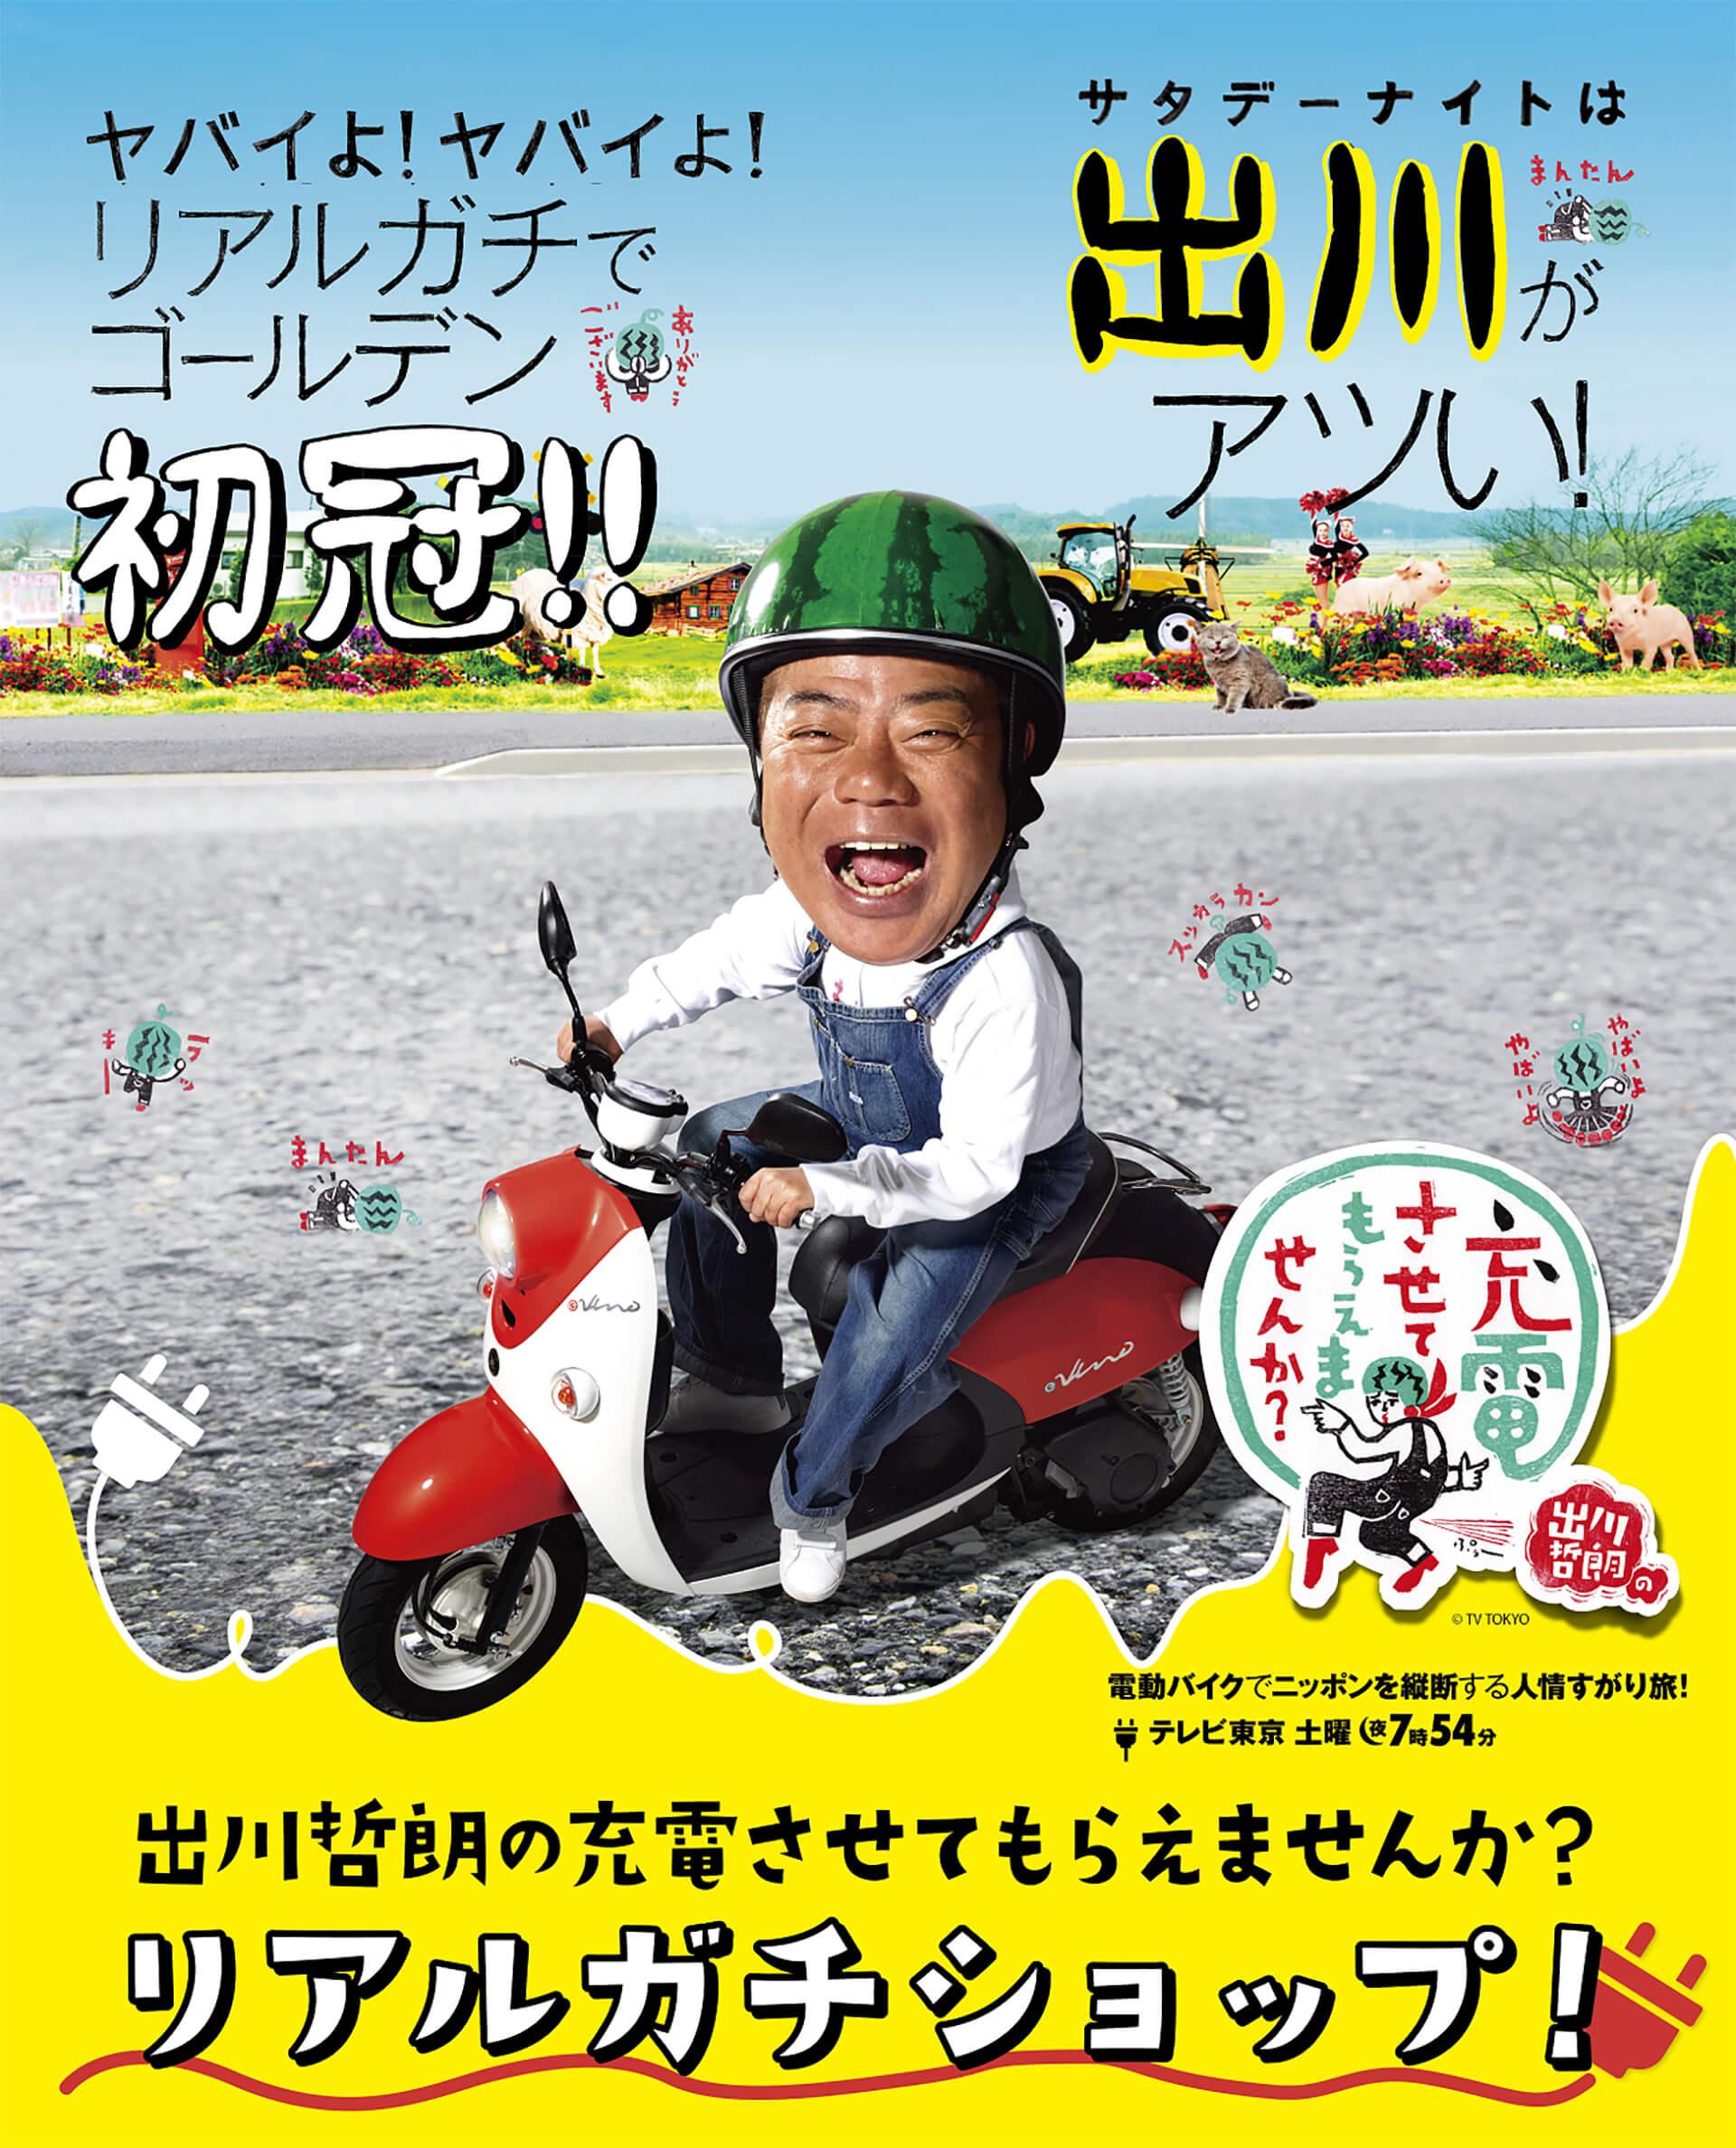 この写真はGO!GO!海洋堂展で開催される充電させてもらえませんか?の、グッズ販売告知ポスター。出川さんがバイクにのっている様子です